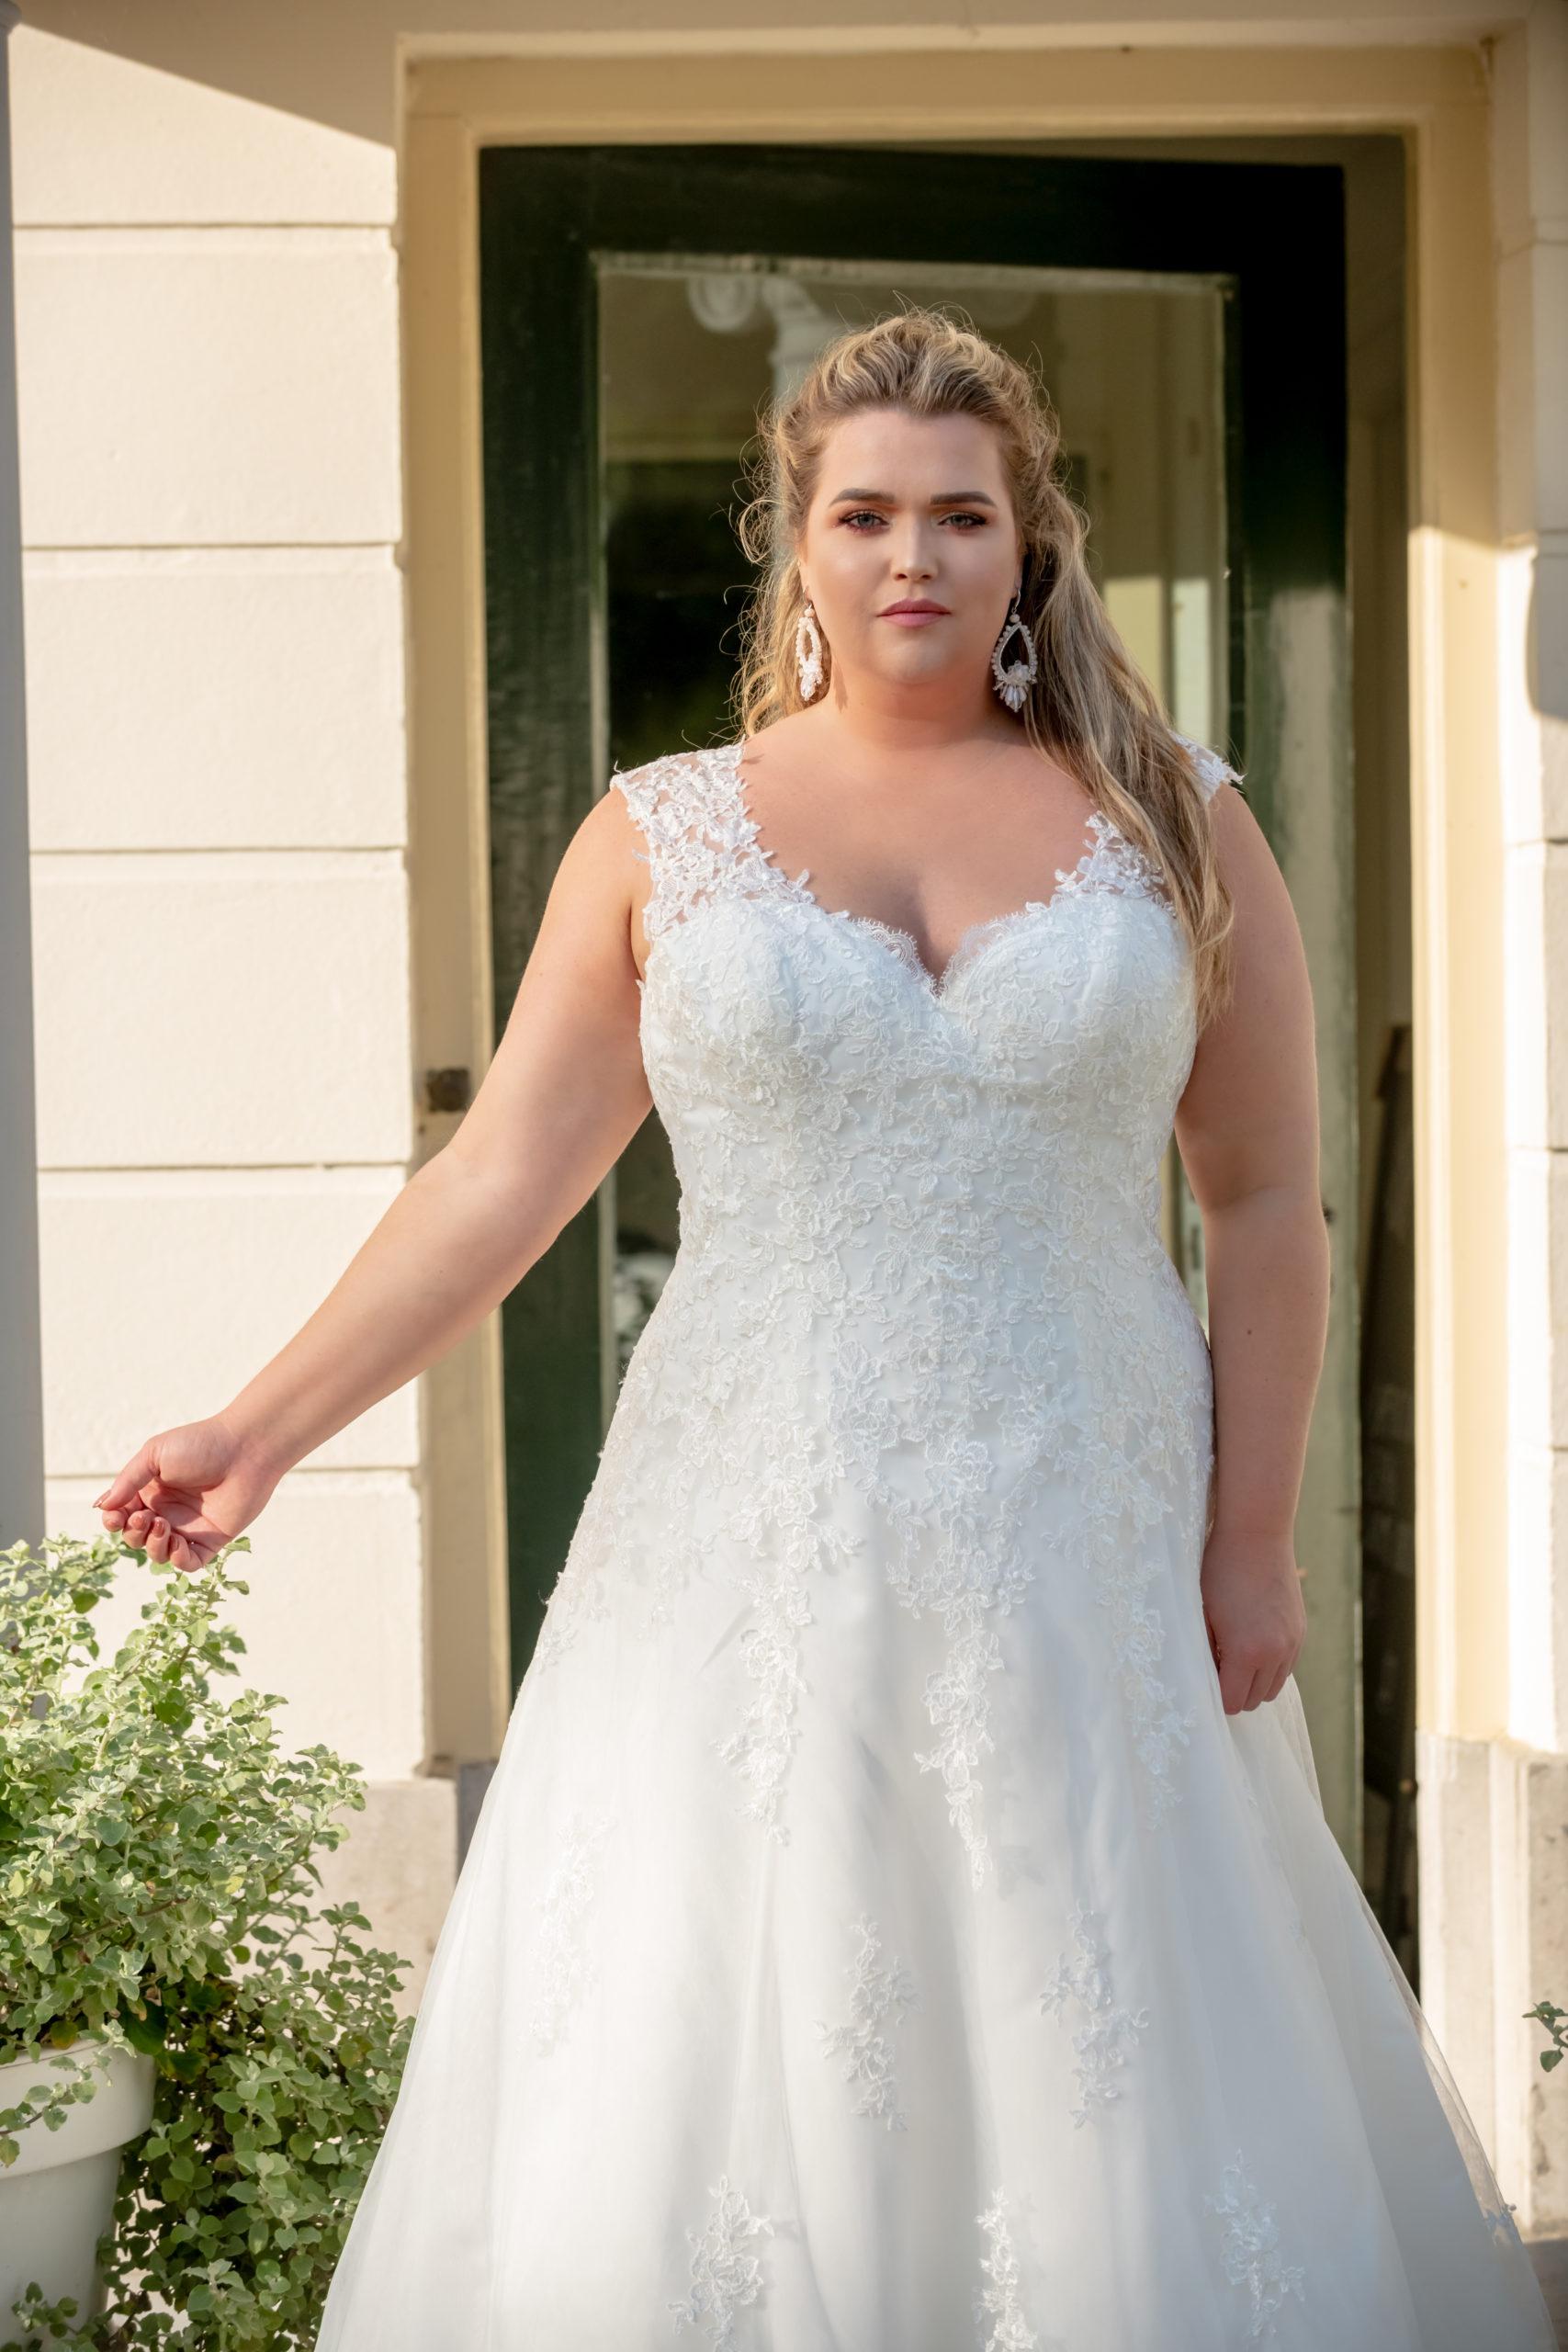 brautatelier ried-curvy bride collection-bridalstar-Grisella-spitze-detail-1